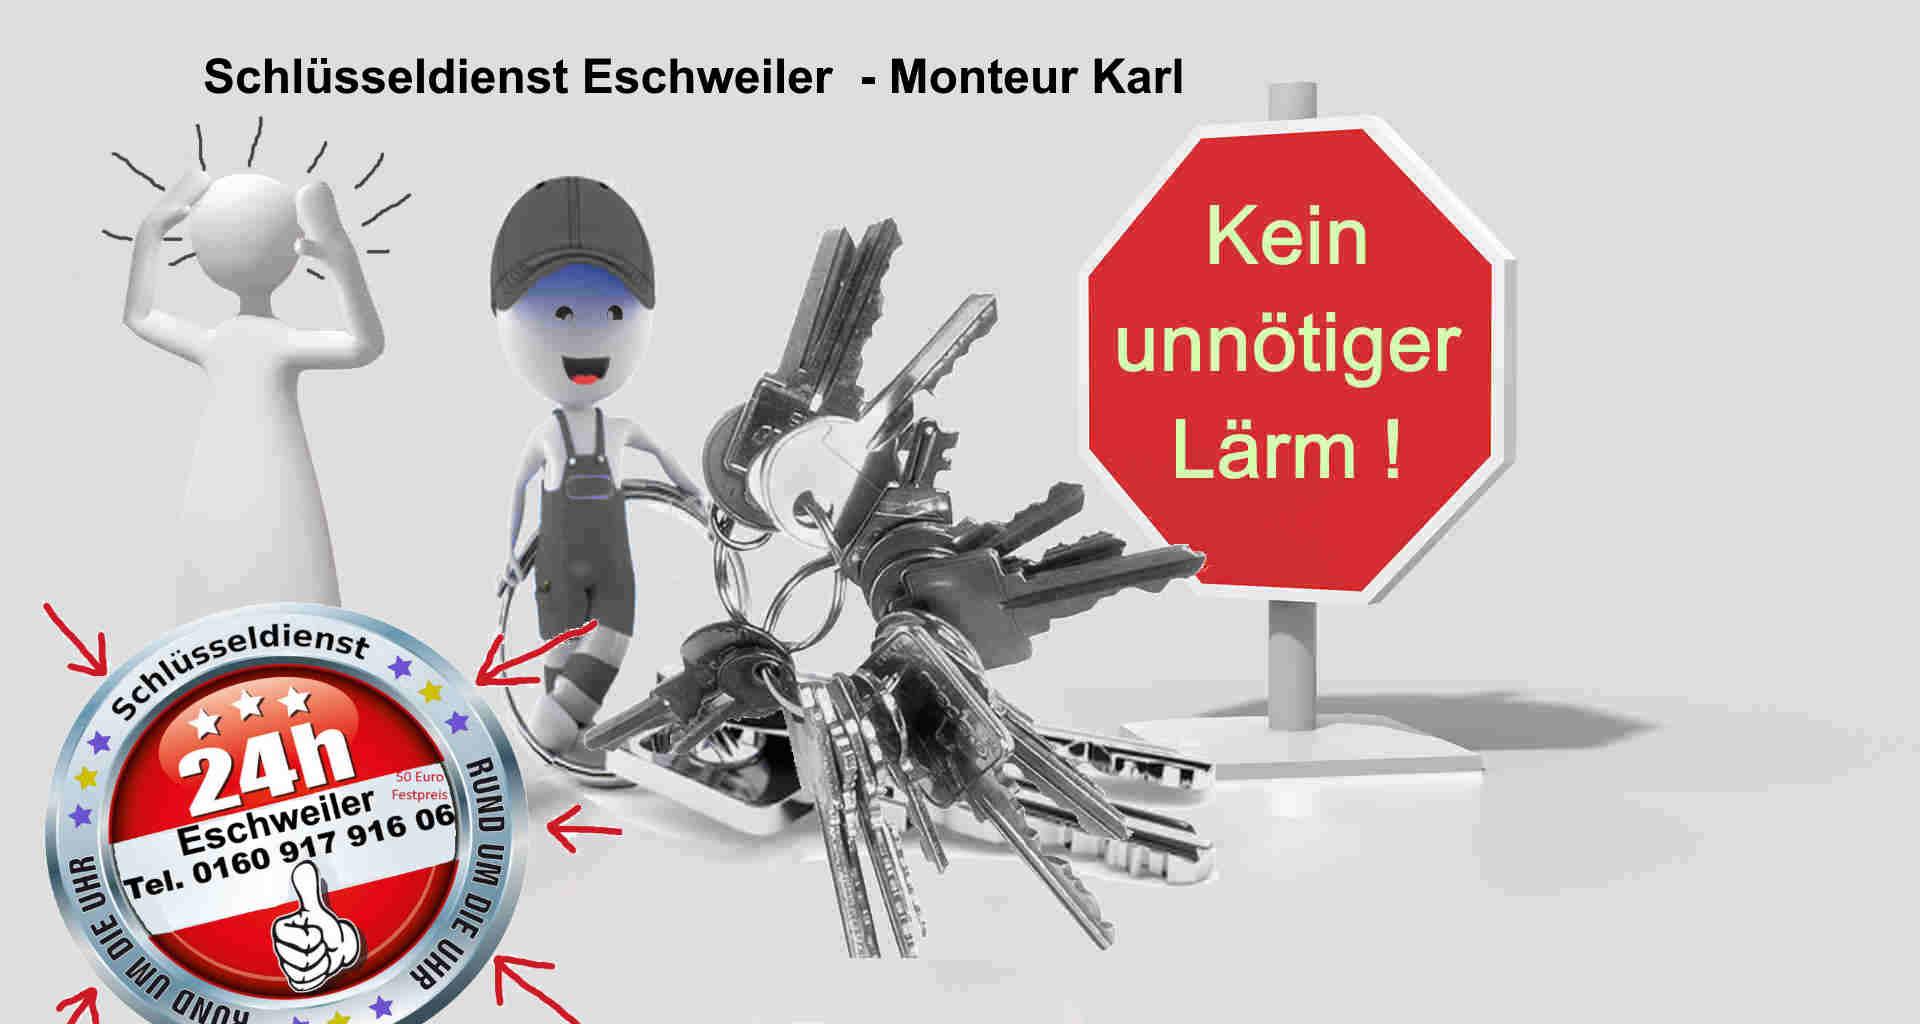 Schlüsseldienst Neu Lohn - Stadt Eschweiler - kein Lärm - Tür öffnen fast lautlos - Es geht auch anders !